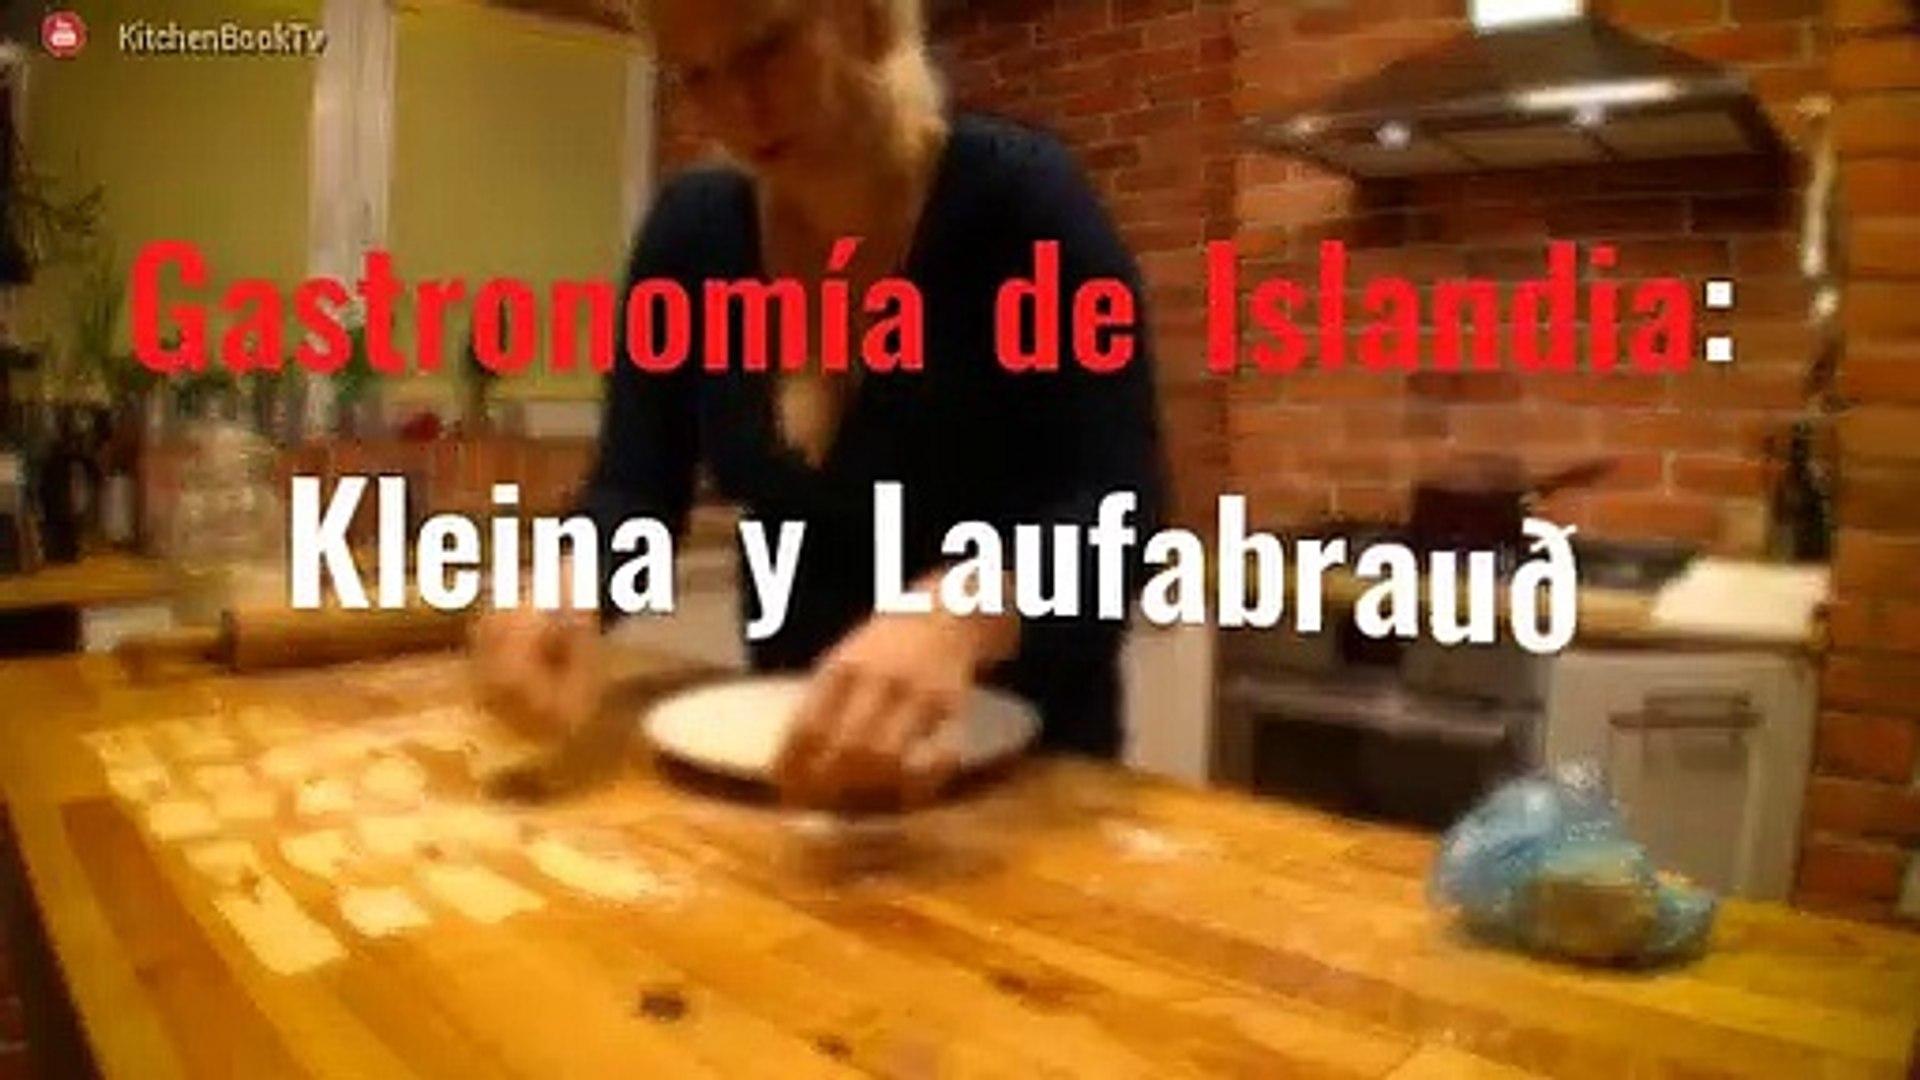 Gastronomía de Islandia: Kleina y Laufabrauð